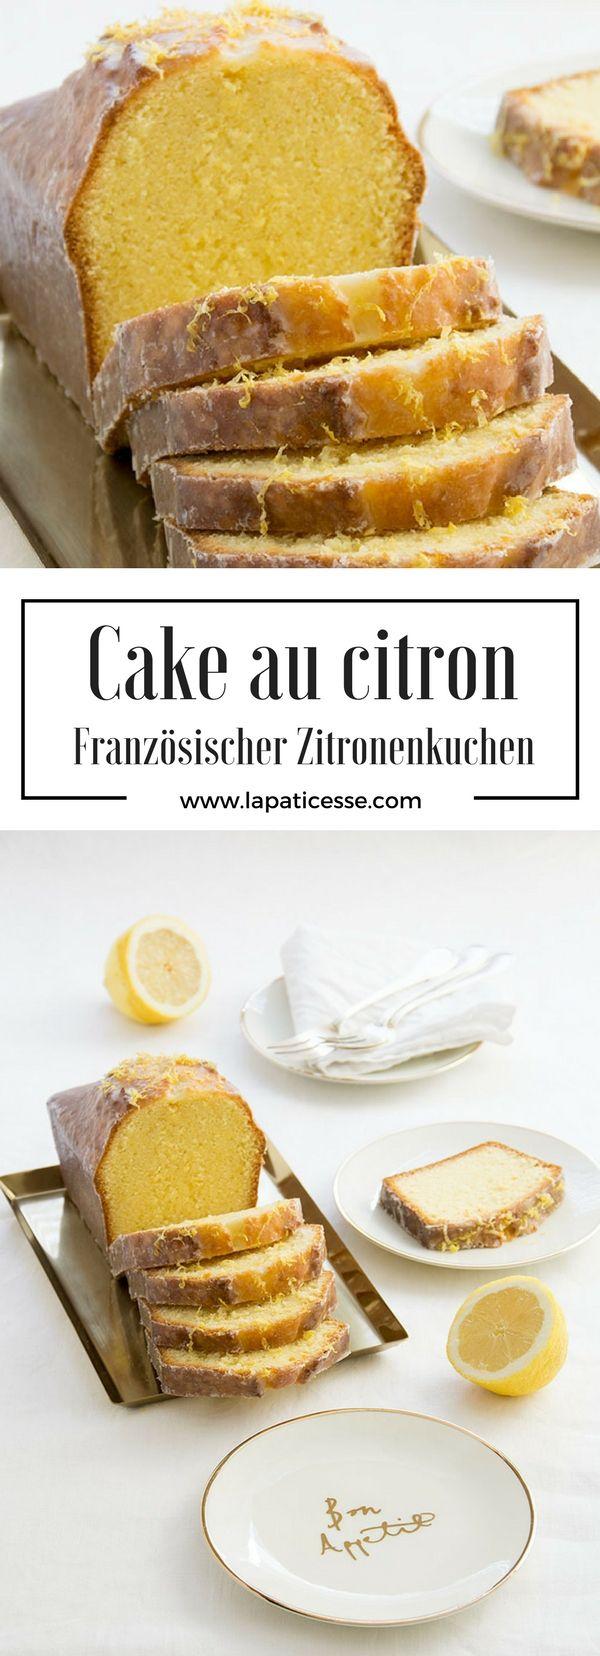 French Lemon Cake Cake au citron et de nombreux conseils pour les gâteaux en boîte